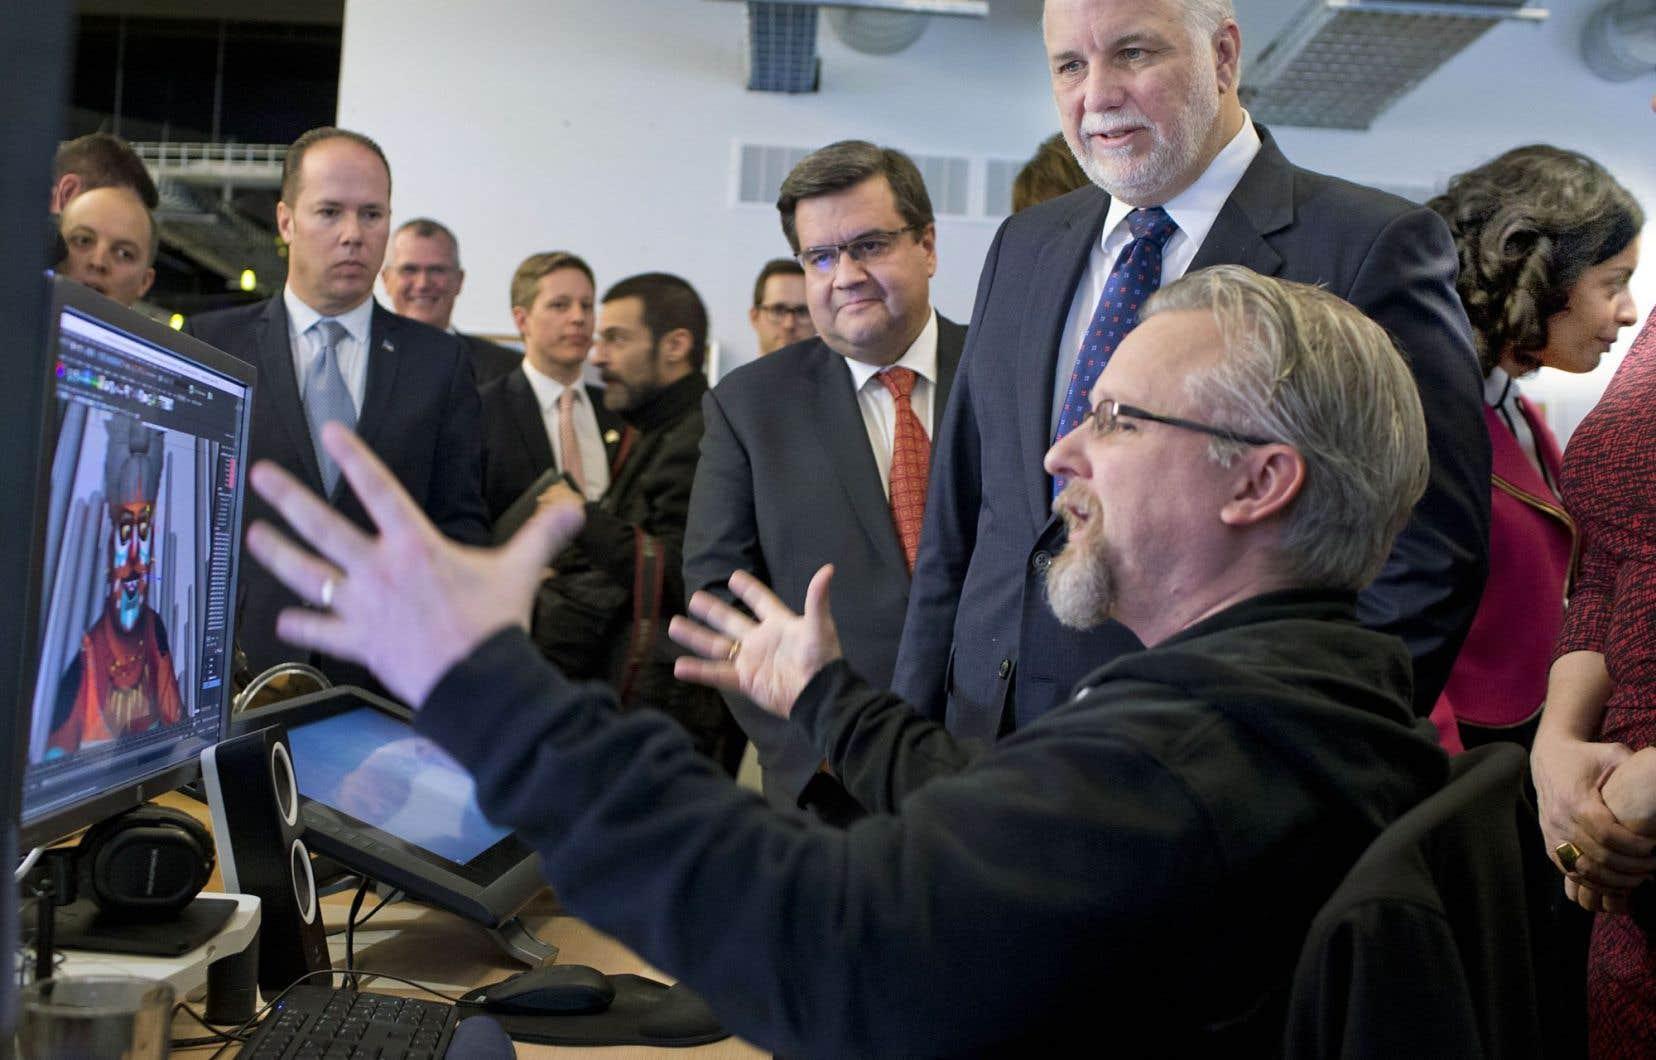 Le premier ministre, Philippe Couillard, était accompagné de plusieurs ministres ainsi que du maire de Montréal, Denis Coderre.